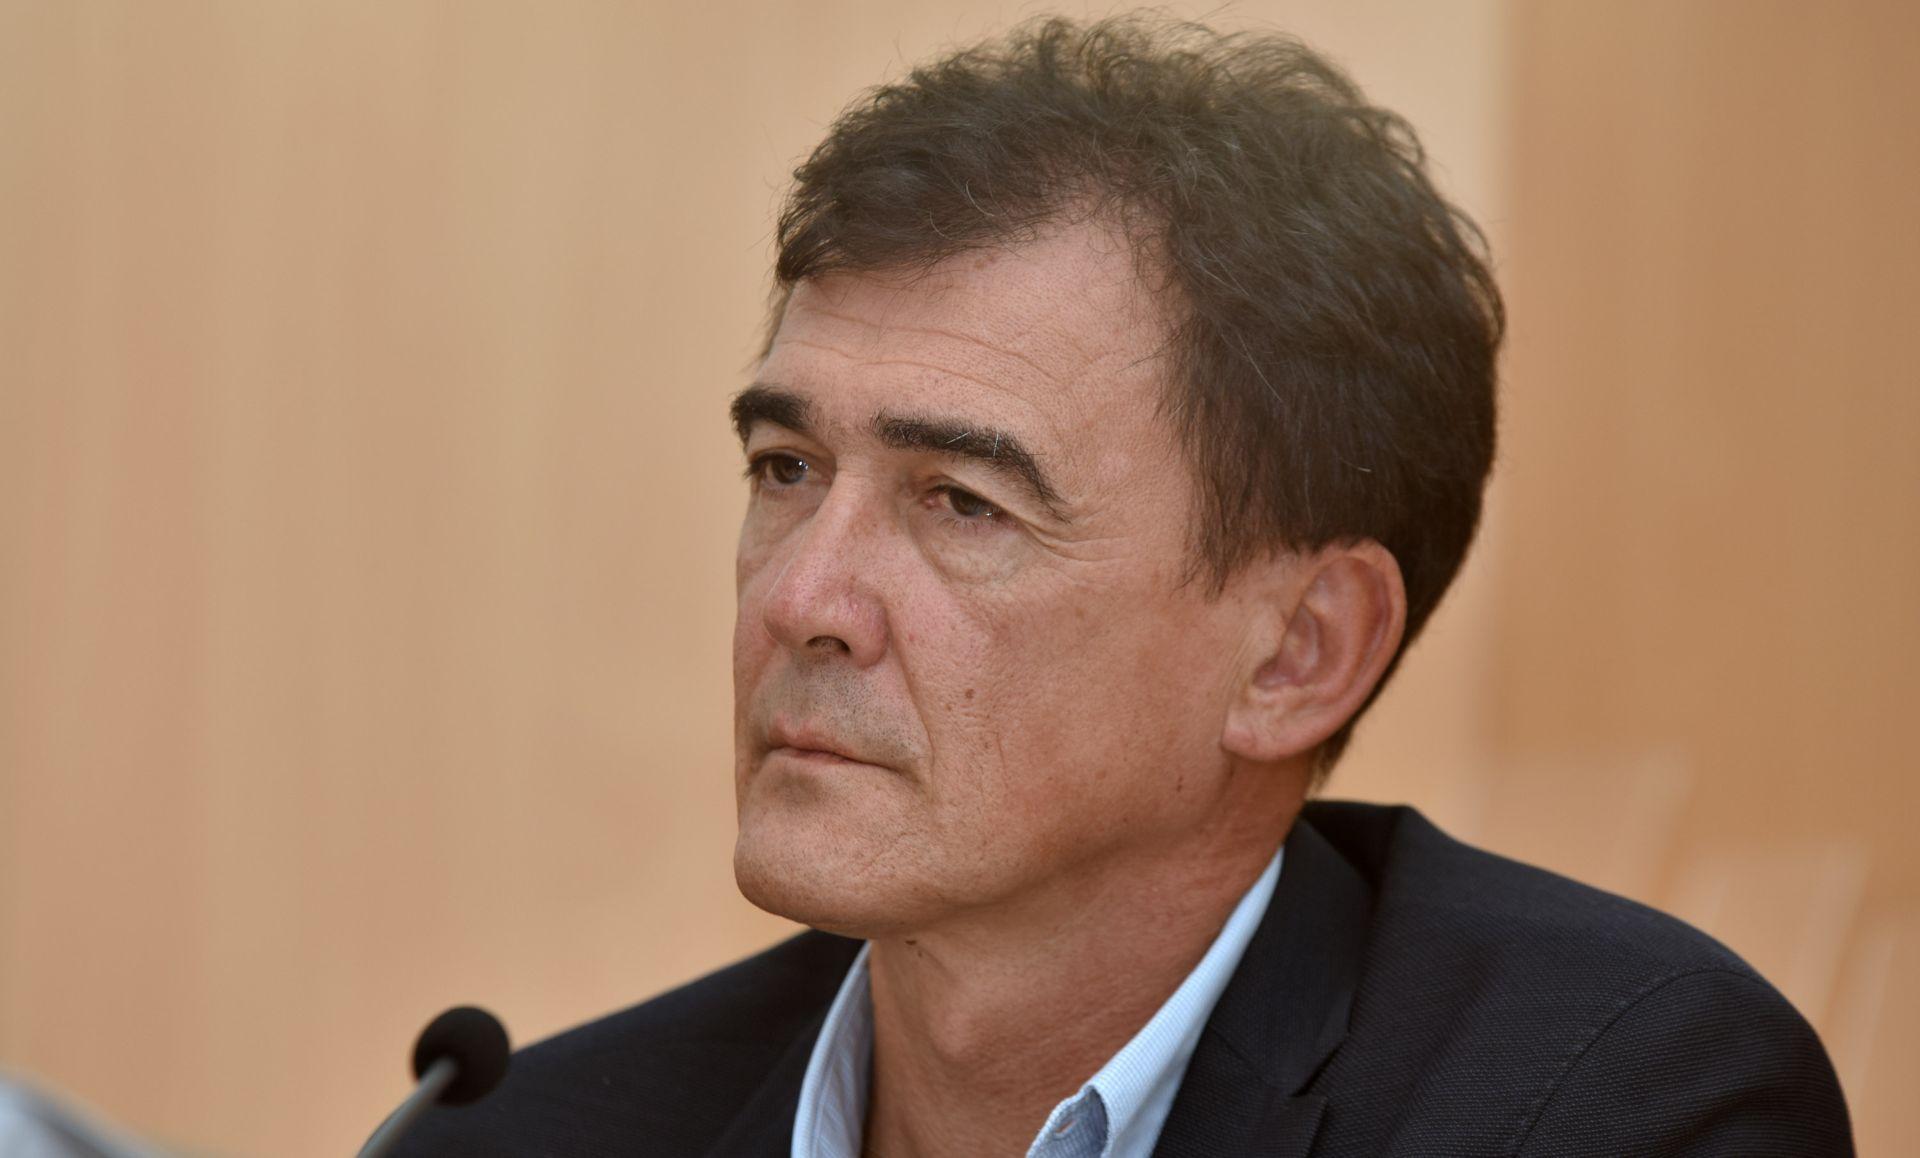 Nadzorni odbor HRT-a poziva USKOK da istraži je li Radman počinio kazneno djelo